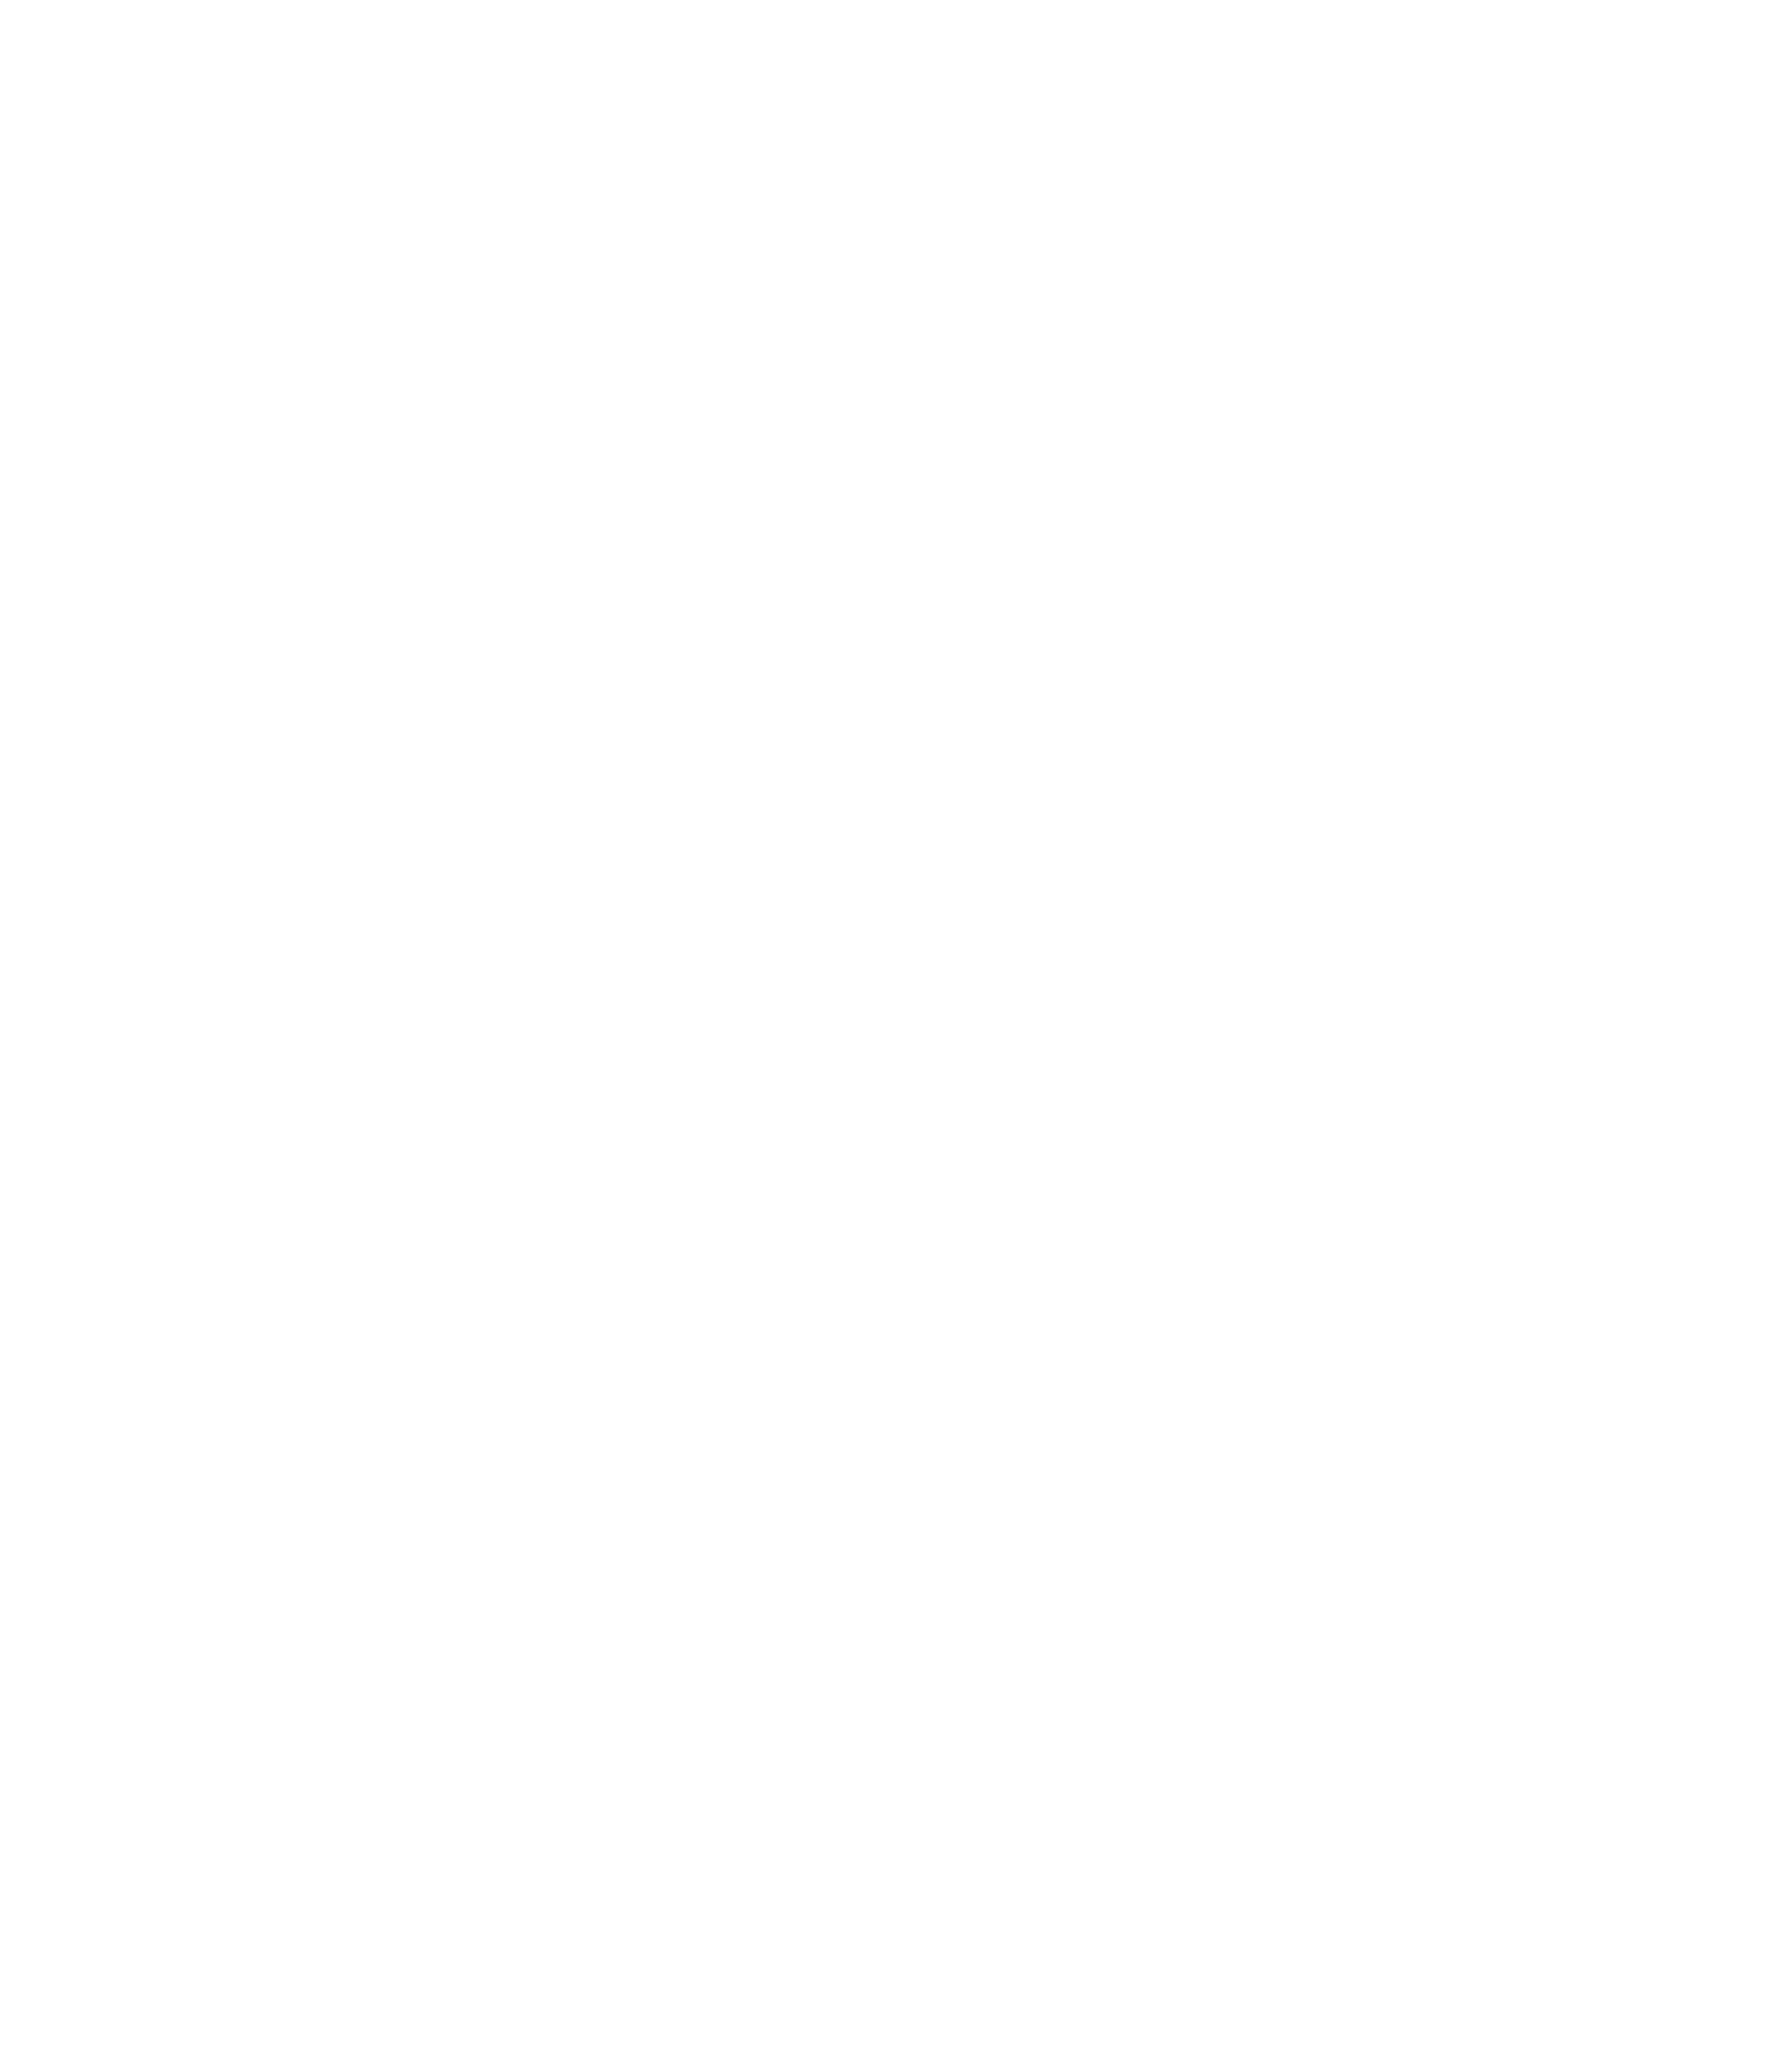 تی نما